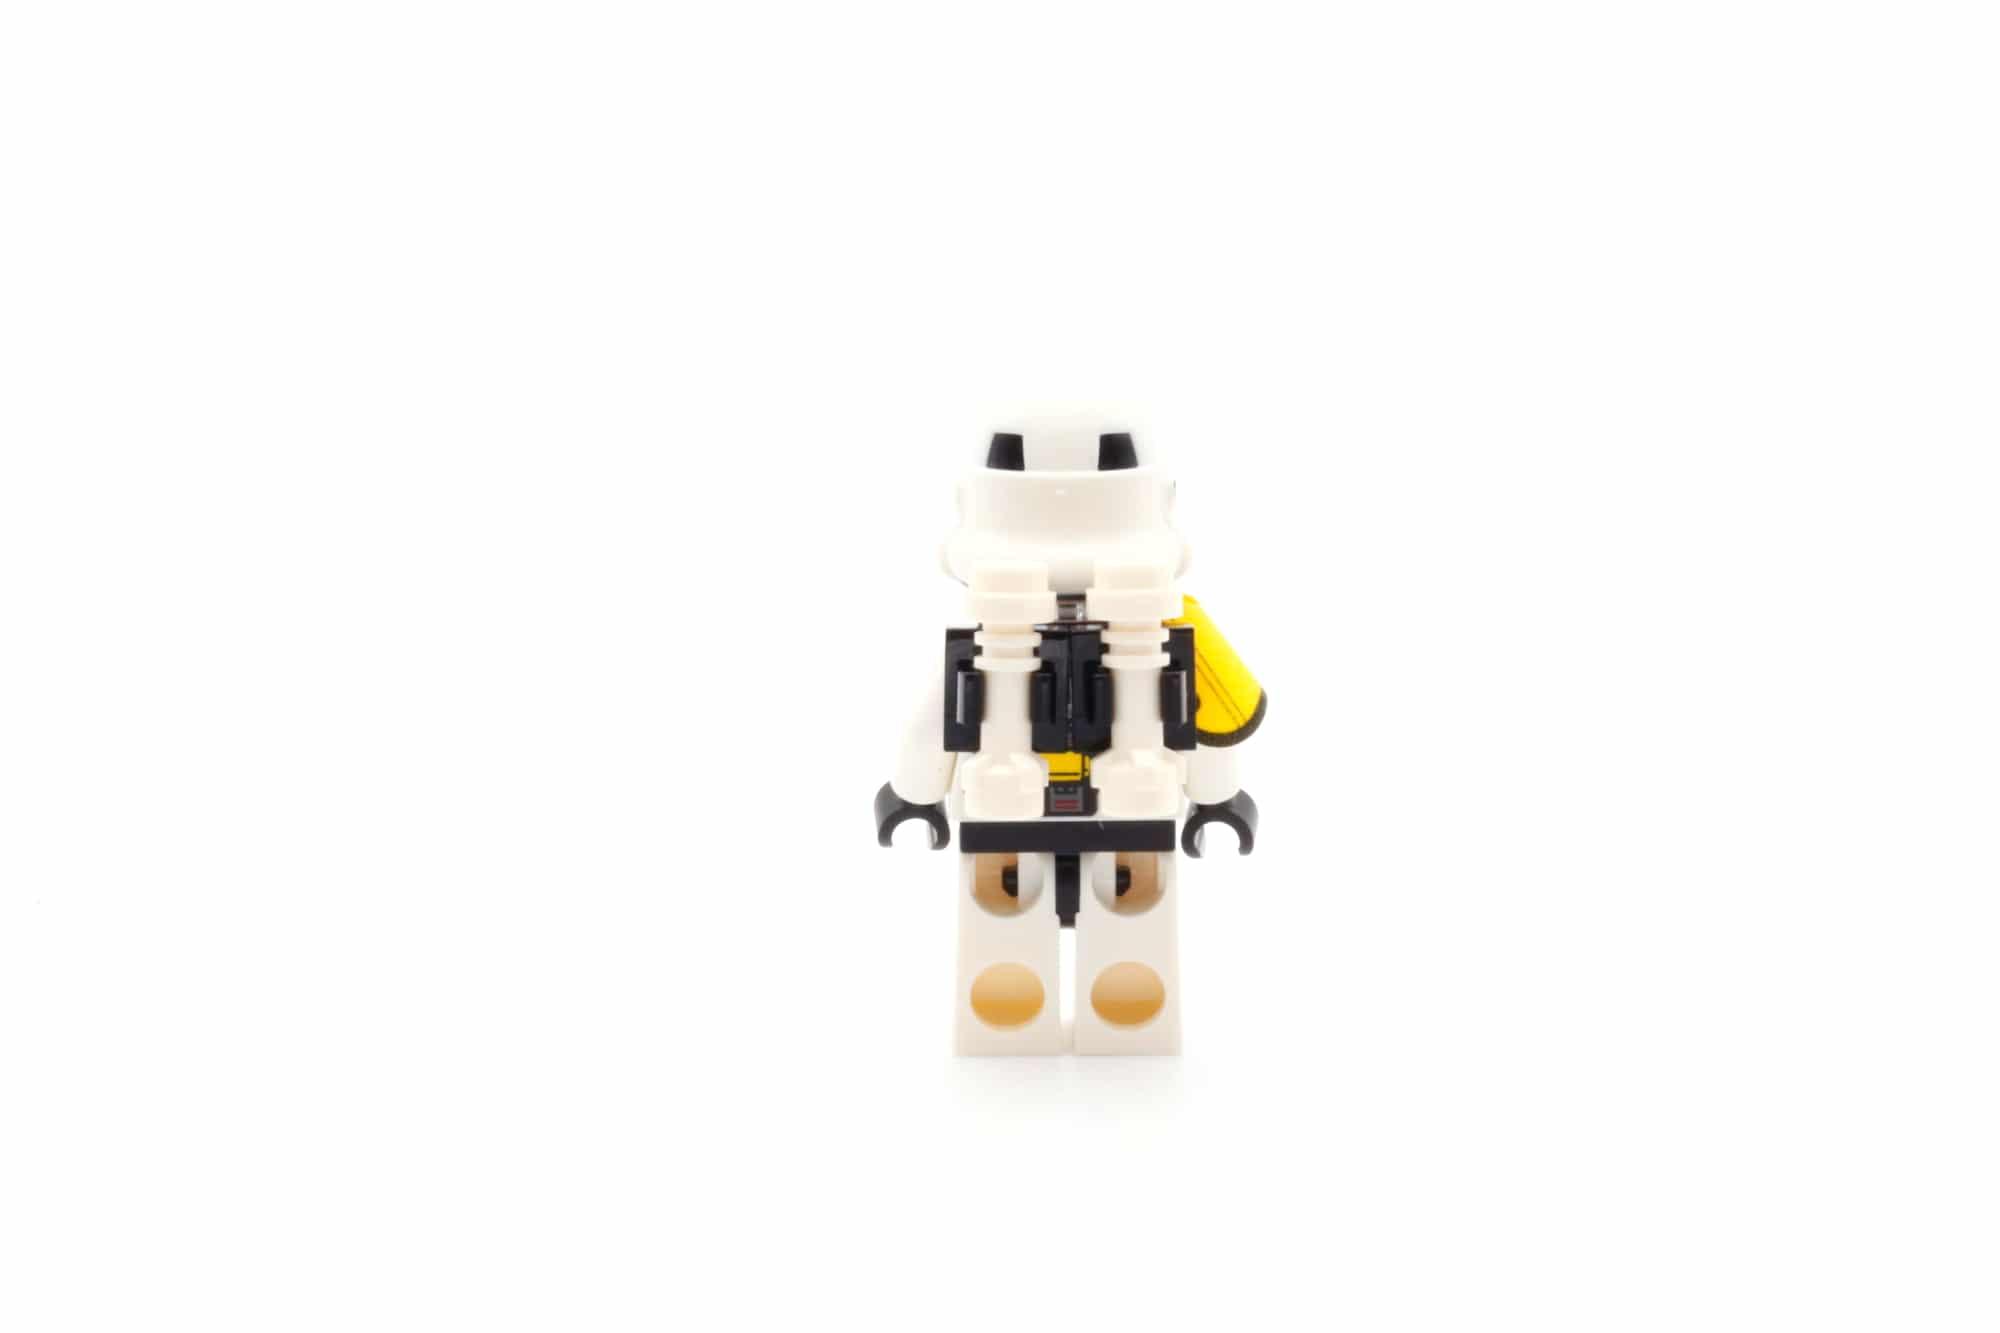 LEGO Star Wars 75311 Imperial Marauder Artillery Trooper Back Tornister